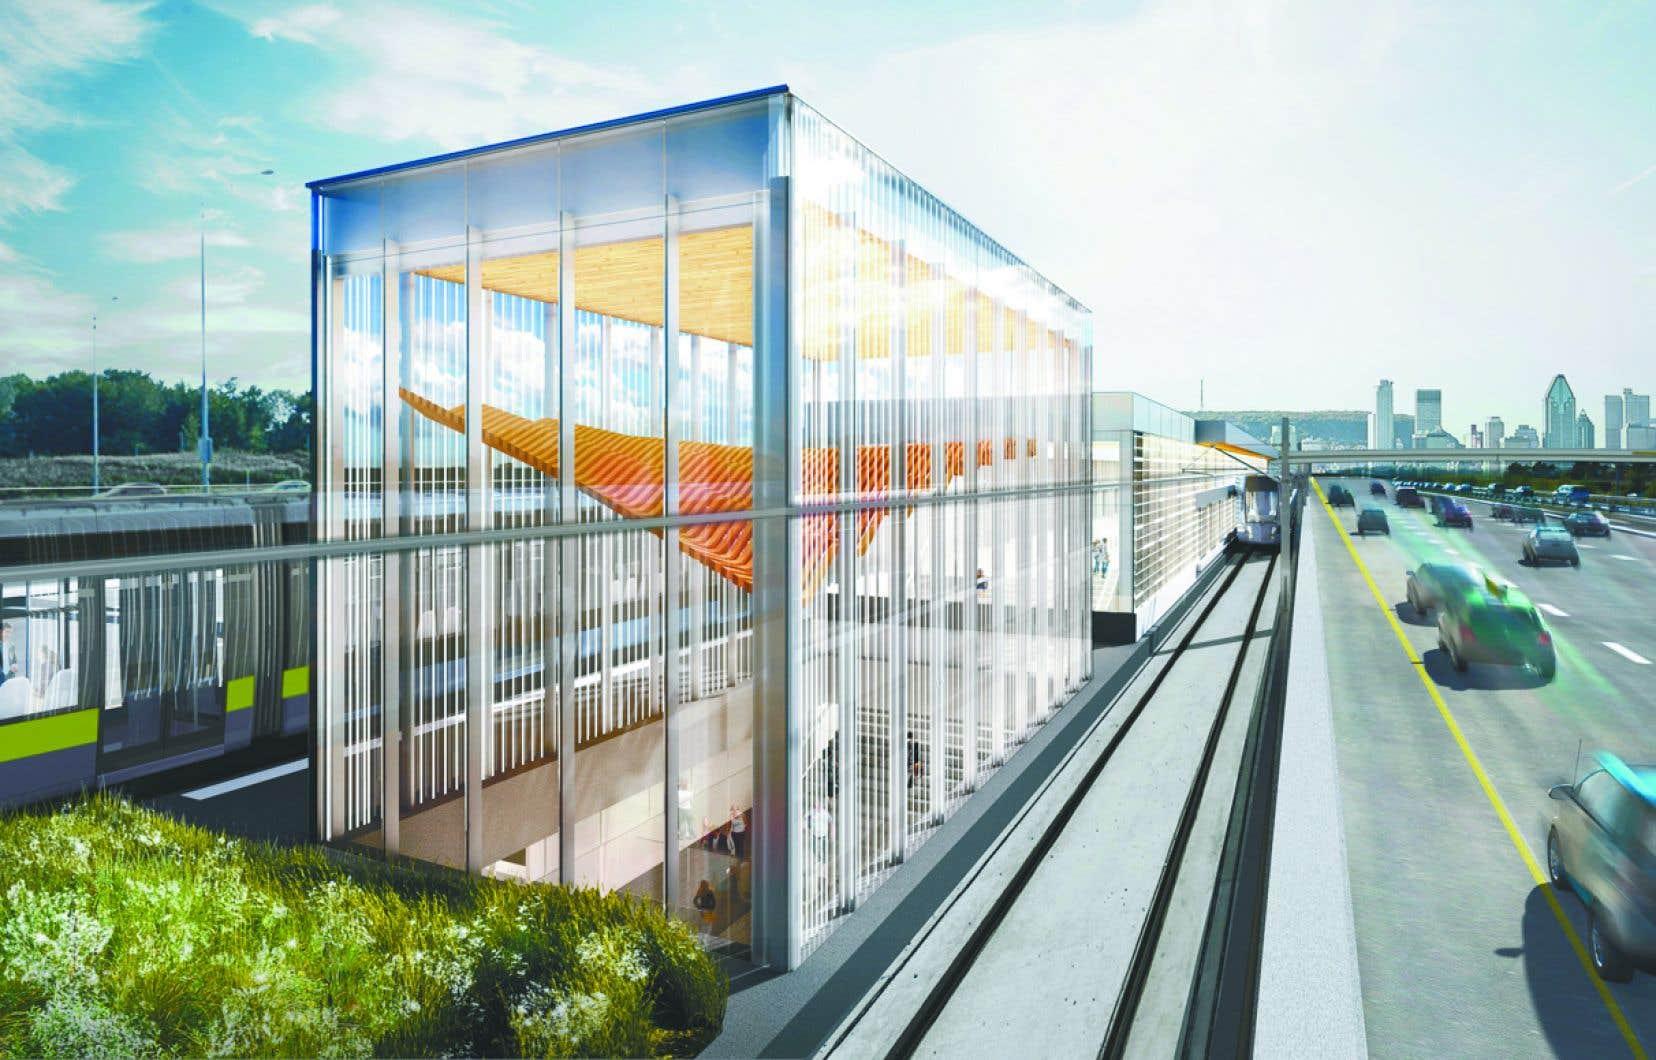 L'étude de CDPQ Infra a pour but d'«identifier la solution optimale pour un projet de mobilité structurant pour la Rive-Sud de Montréal, comme le Réseau express métropolitain l'est pour la région métropolitaine», peut-on lire dans le communiqué du ministère des Transports.